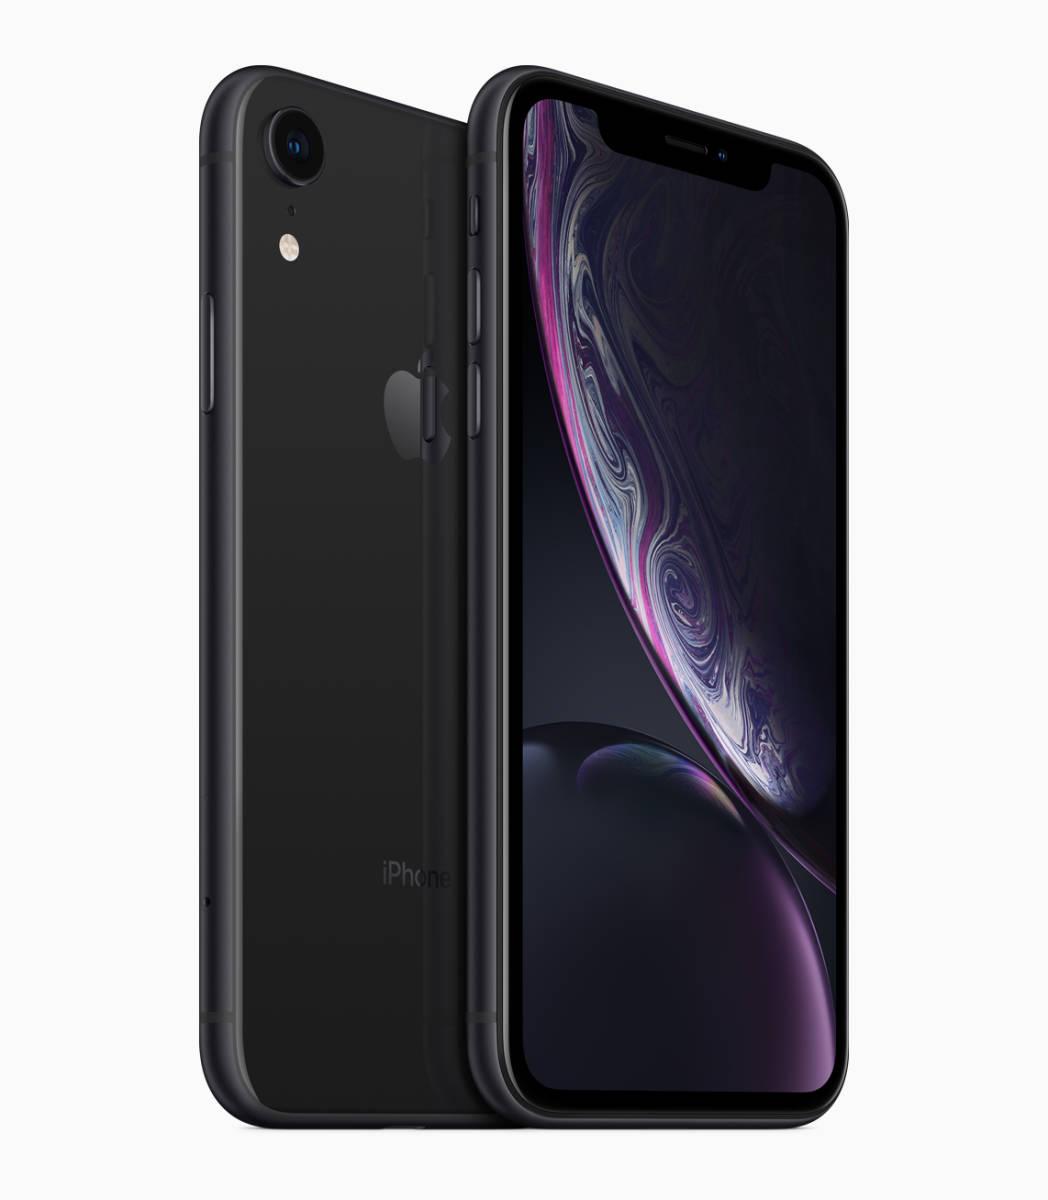 【新品未使用】iPhone XR ブラック 64GB SIMフリー